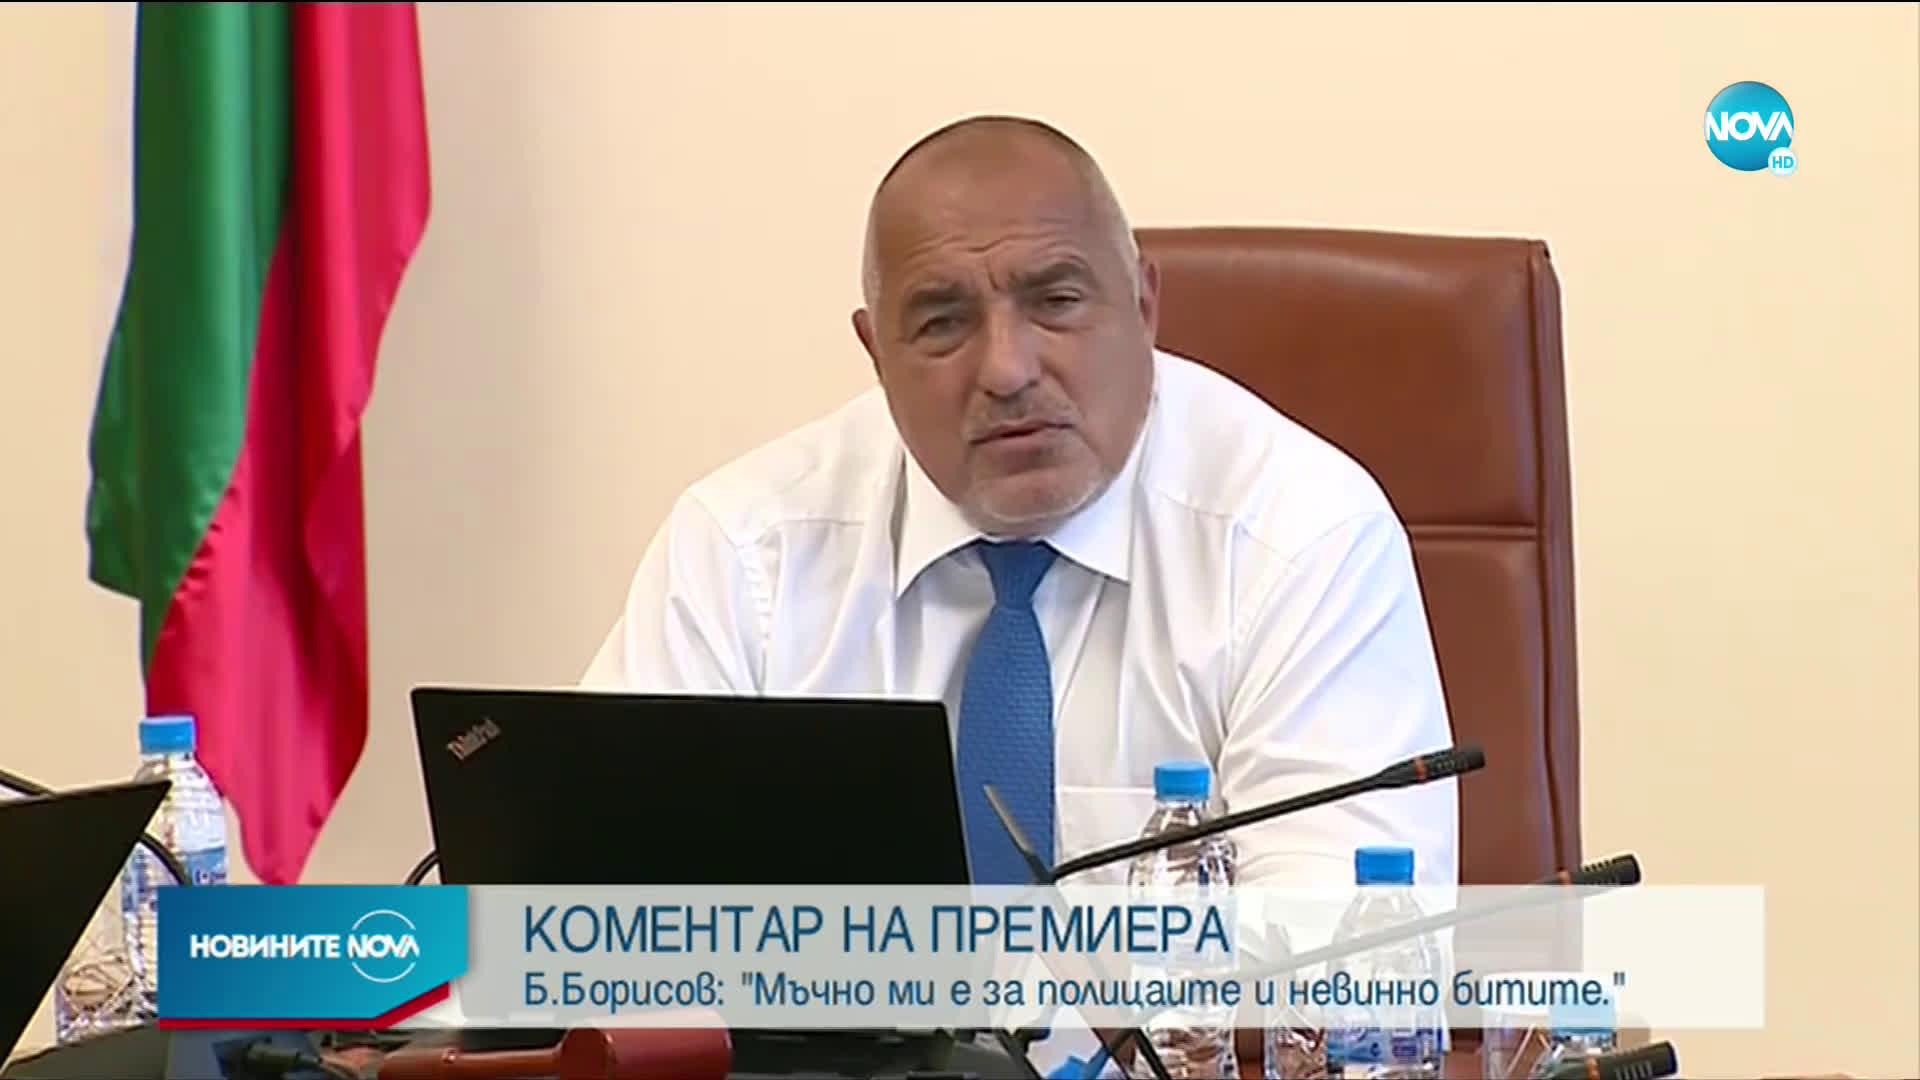 Борисов към протестиращите: Чуваме ви, мислим и предлагаме варианти за подпомагане във всички сфери